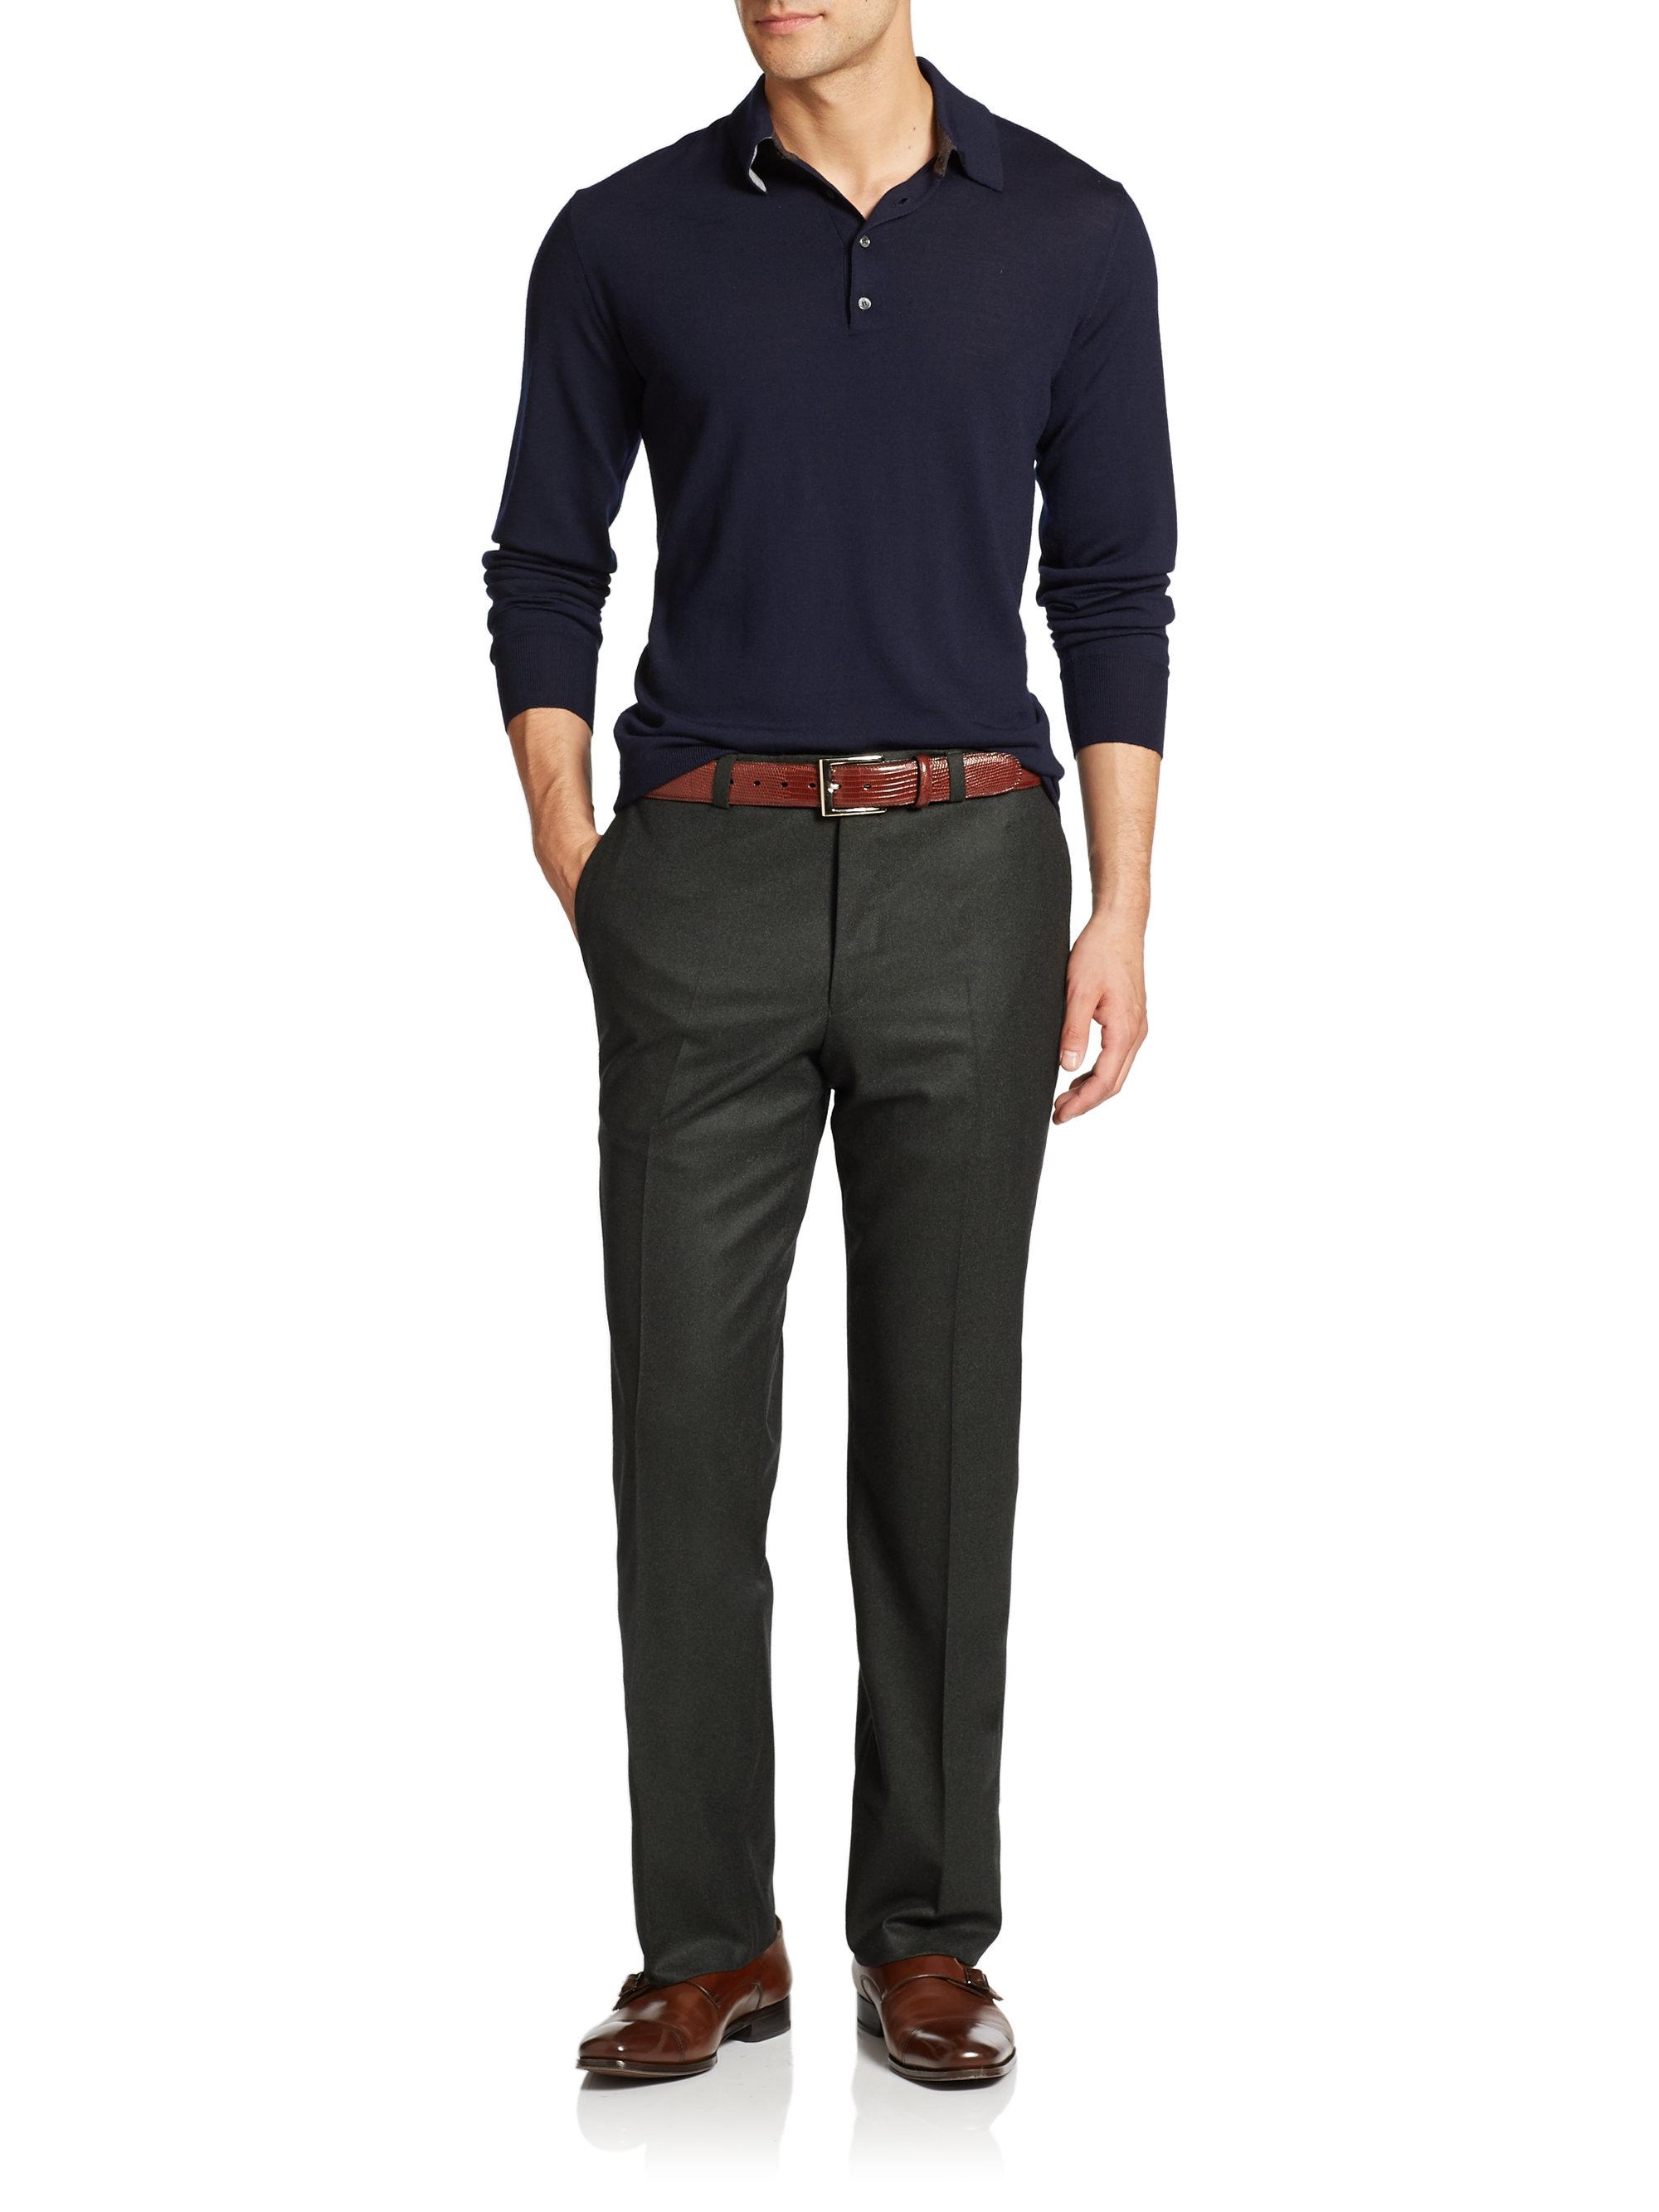 Olive Green Jeans For Men